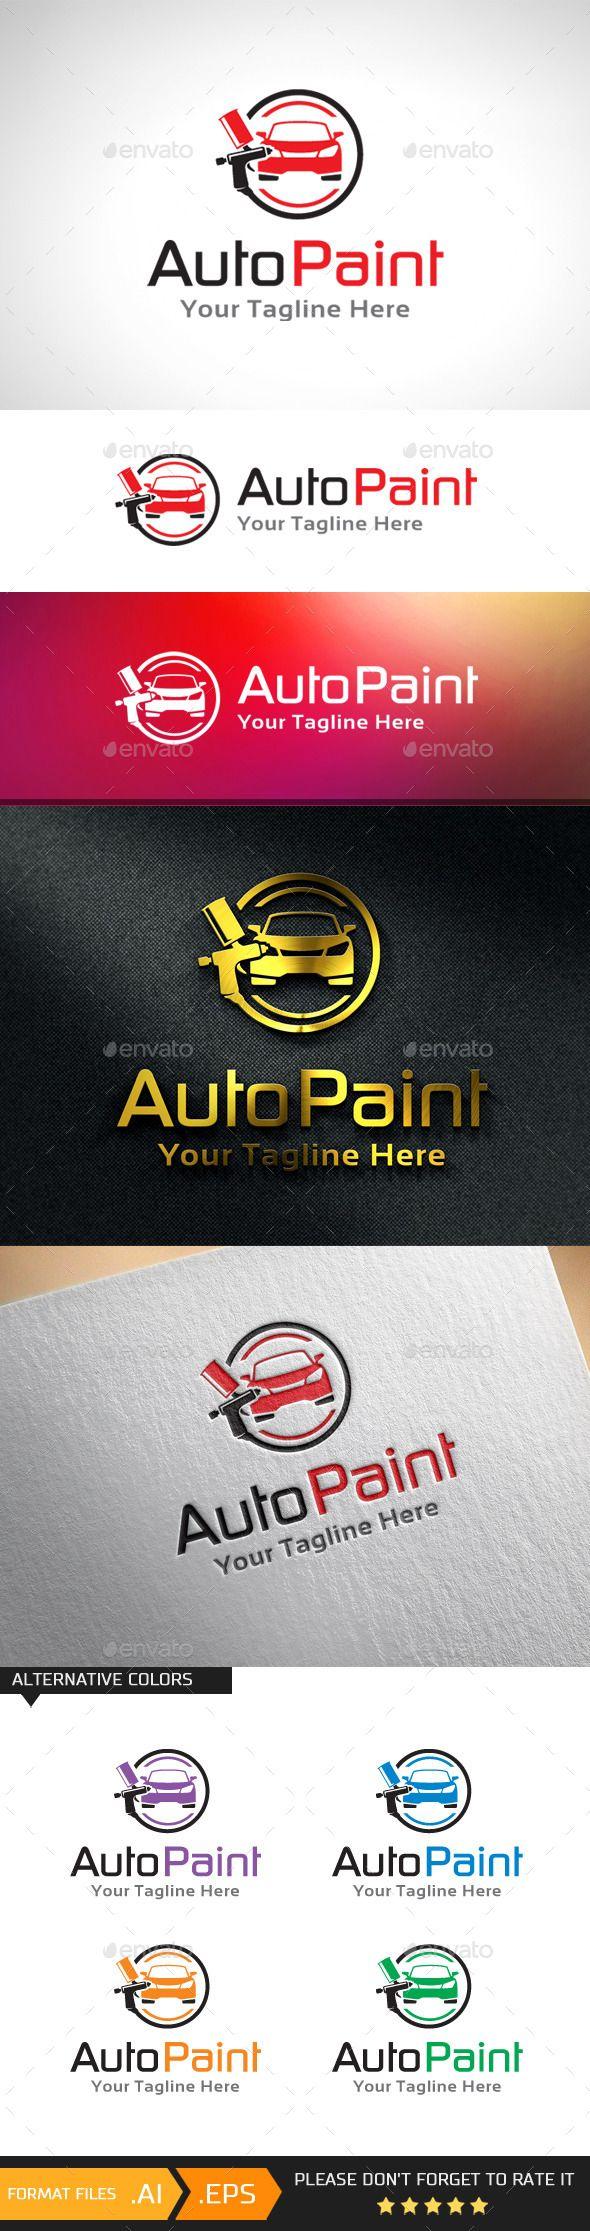 Car body sticker design eps - Car Paint Automotive Paint Logo Template